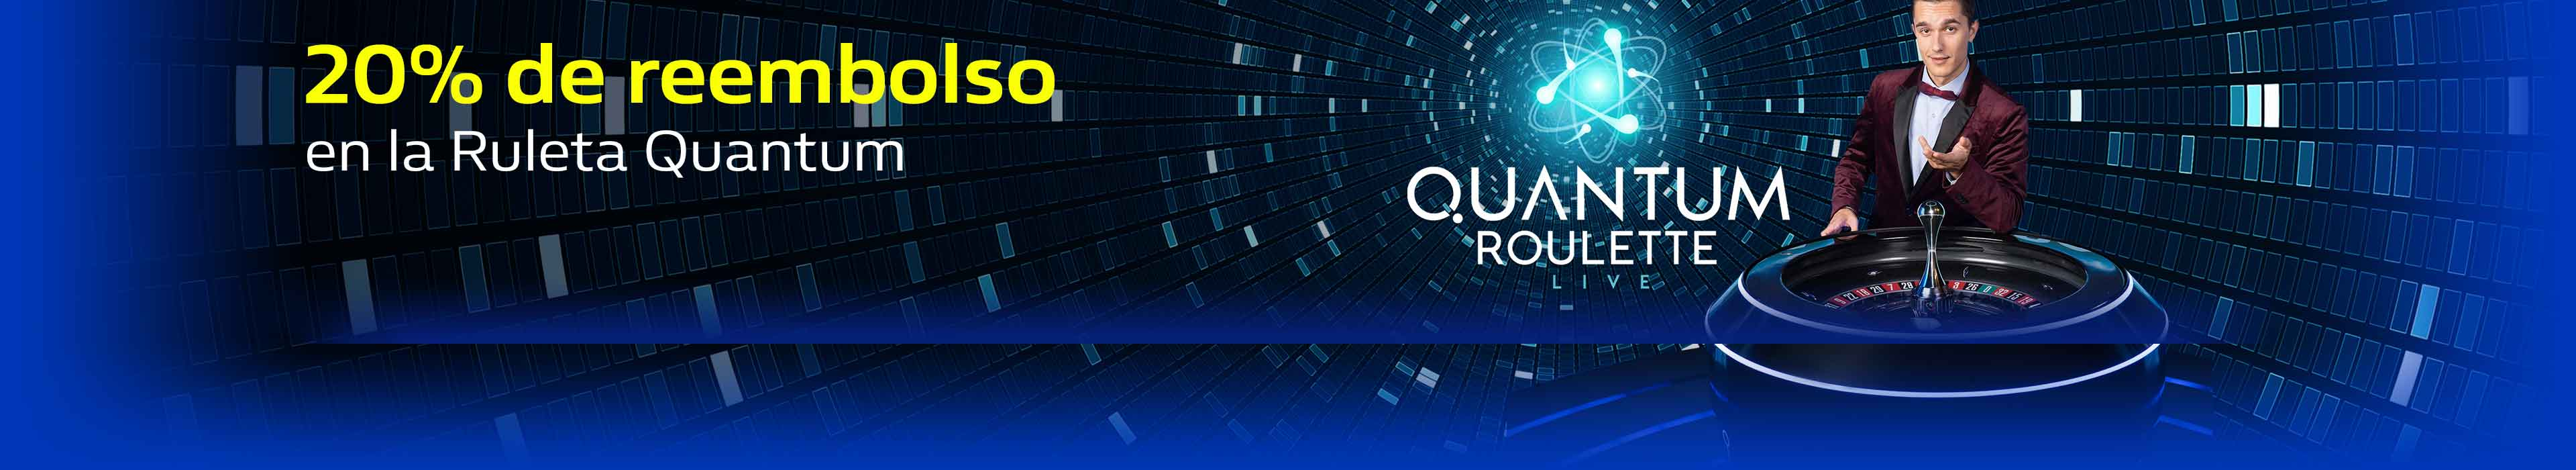 Juega a la Ruleta Quantum con 5 Golden Chips gratis.